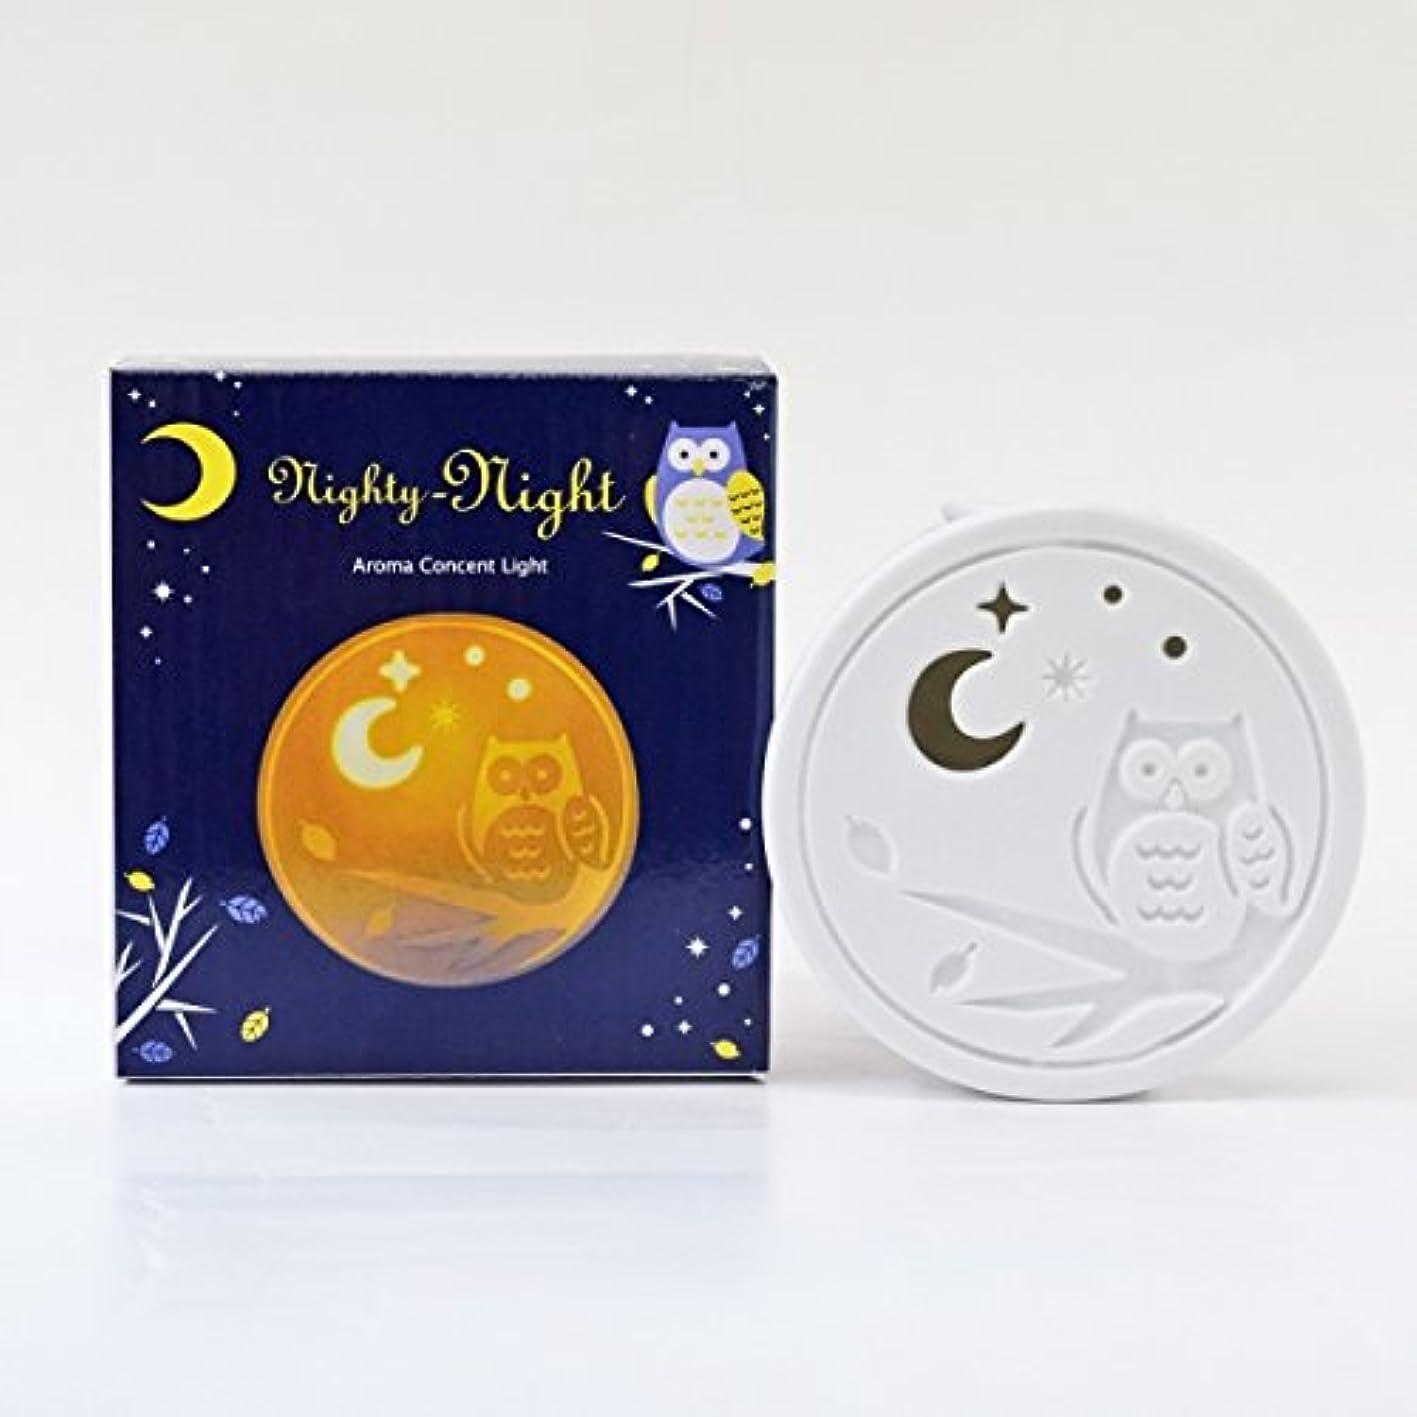 ガジュマル見える対処するNighty-Night コンセントアロマライト